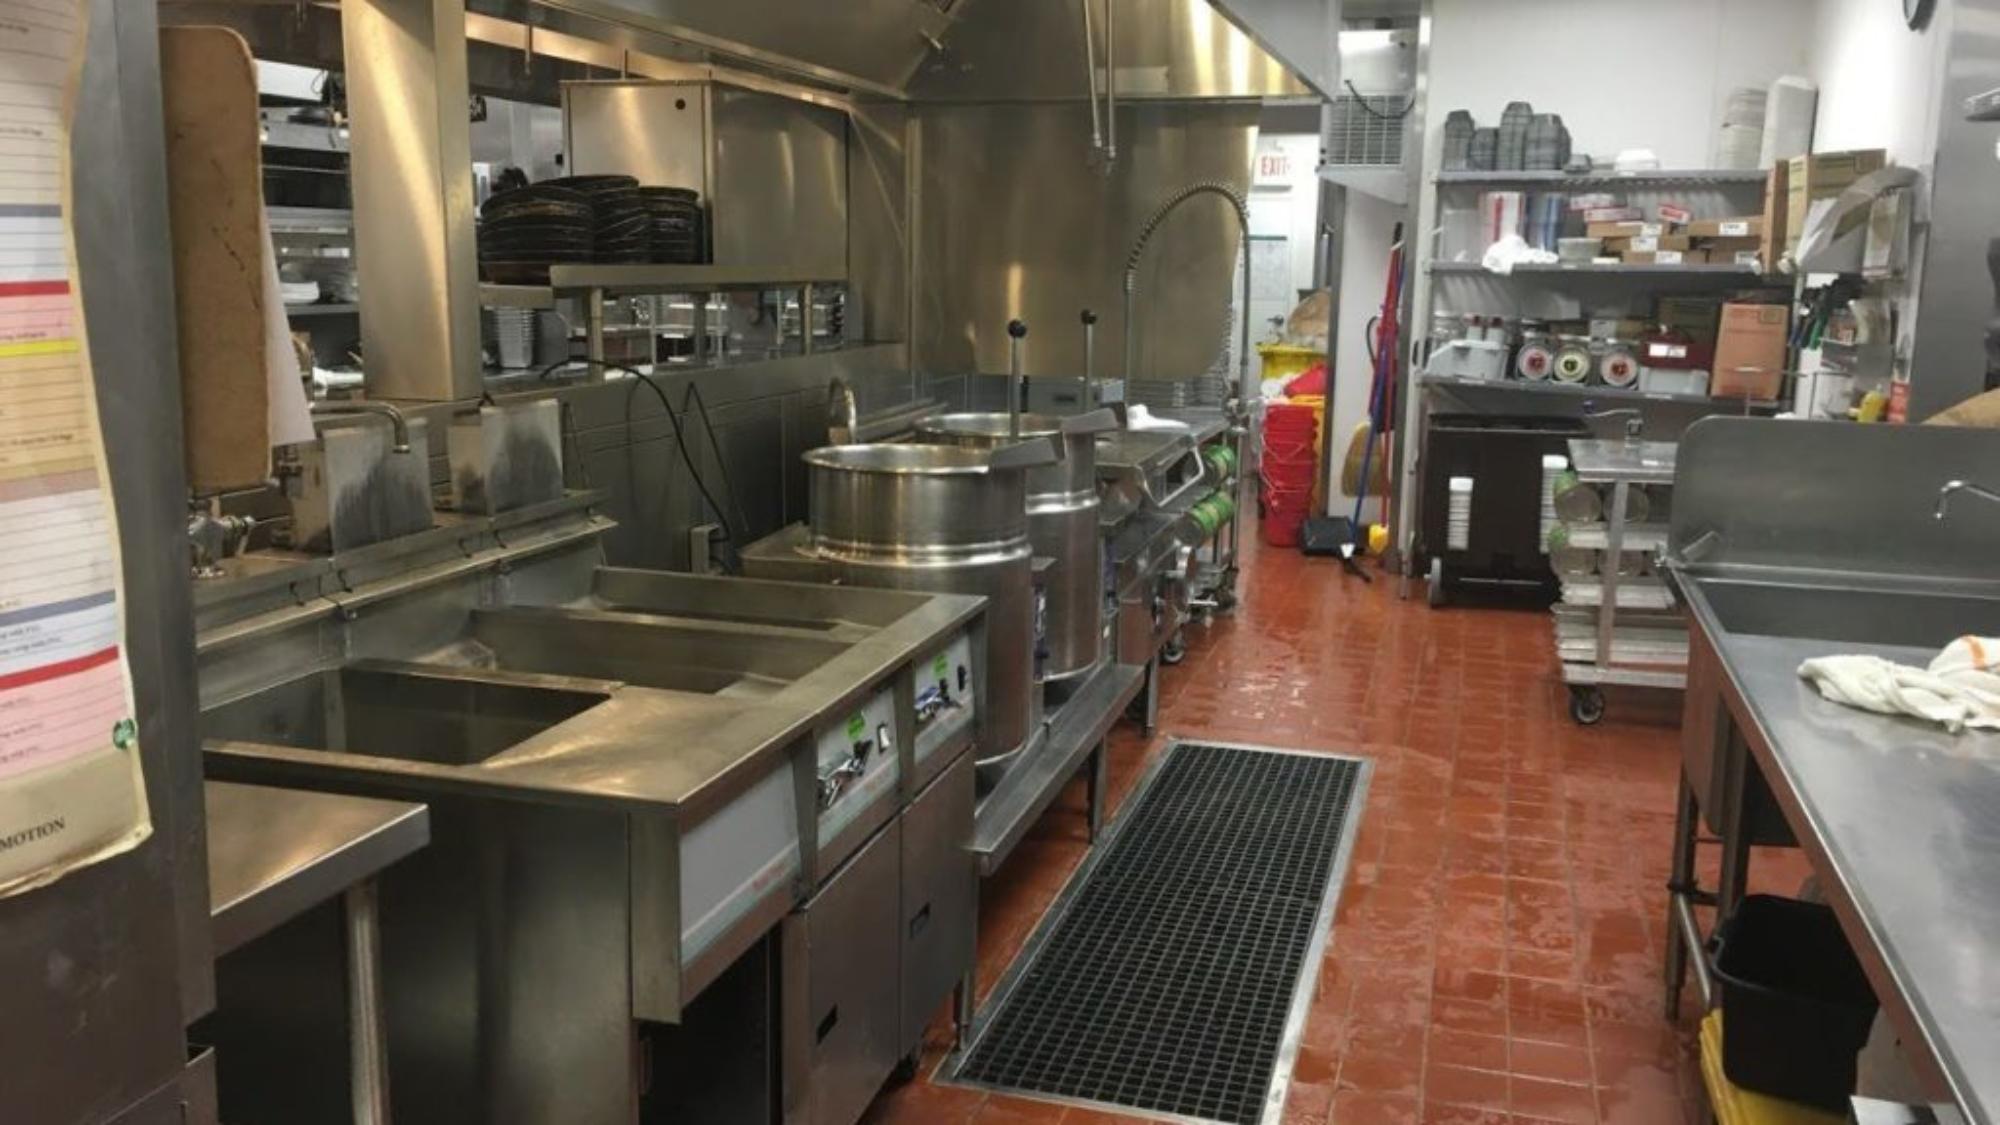 kitchen-clean-1024x768